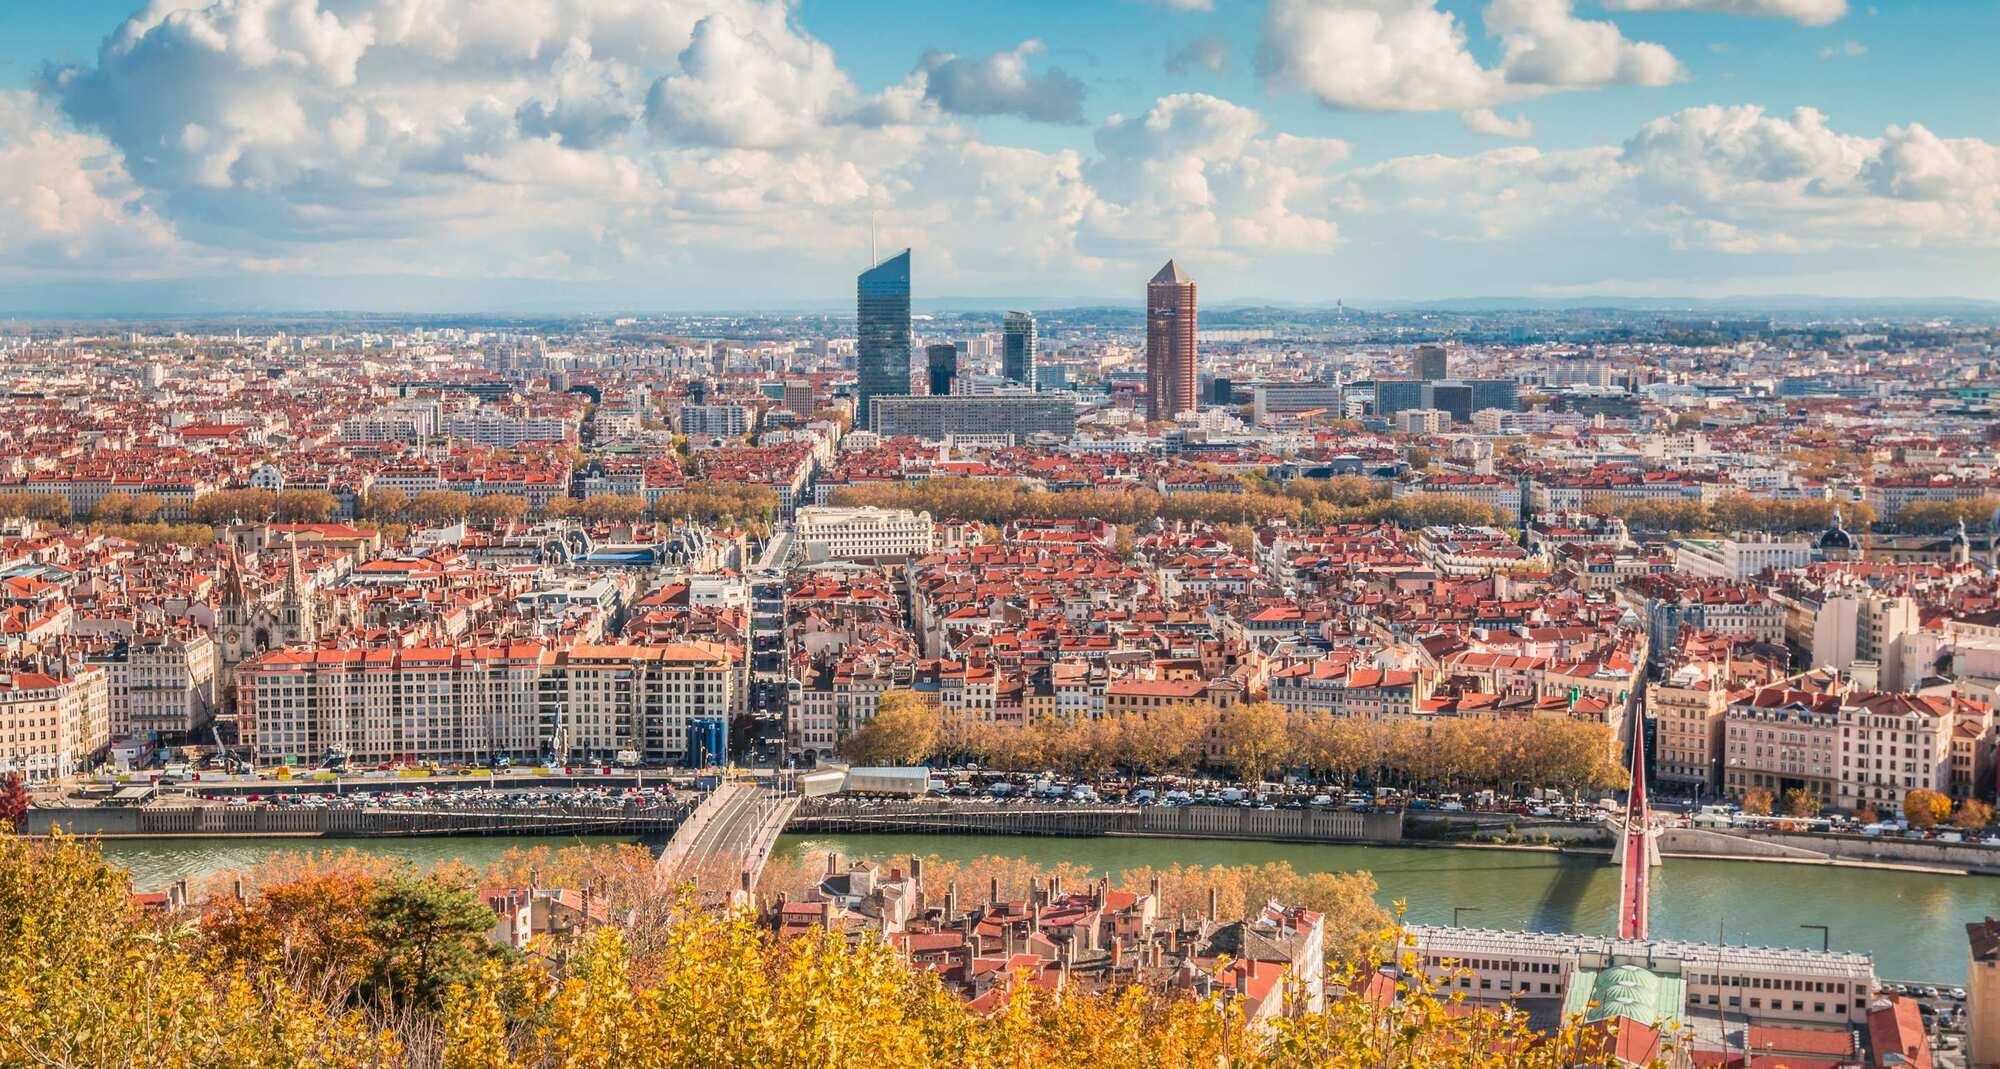 كم يبلغ عدد سكان فرنسا 2020 - الموقع المثالي